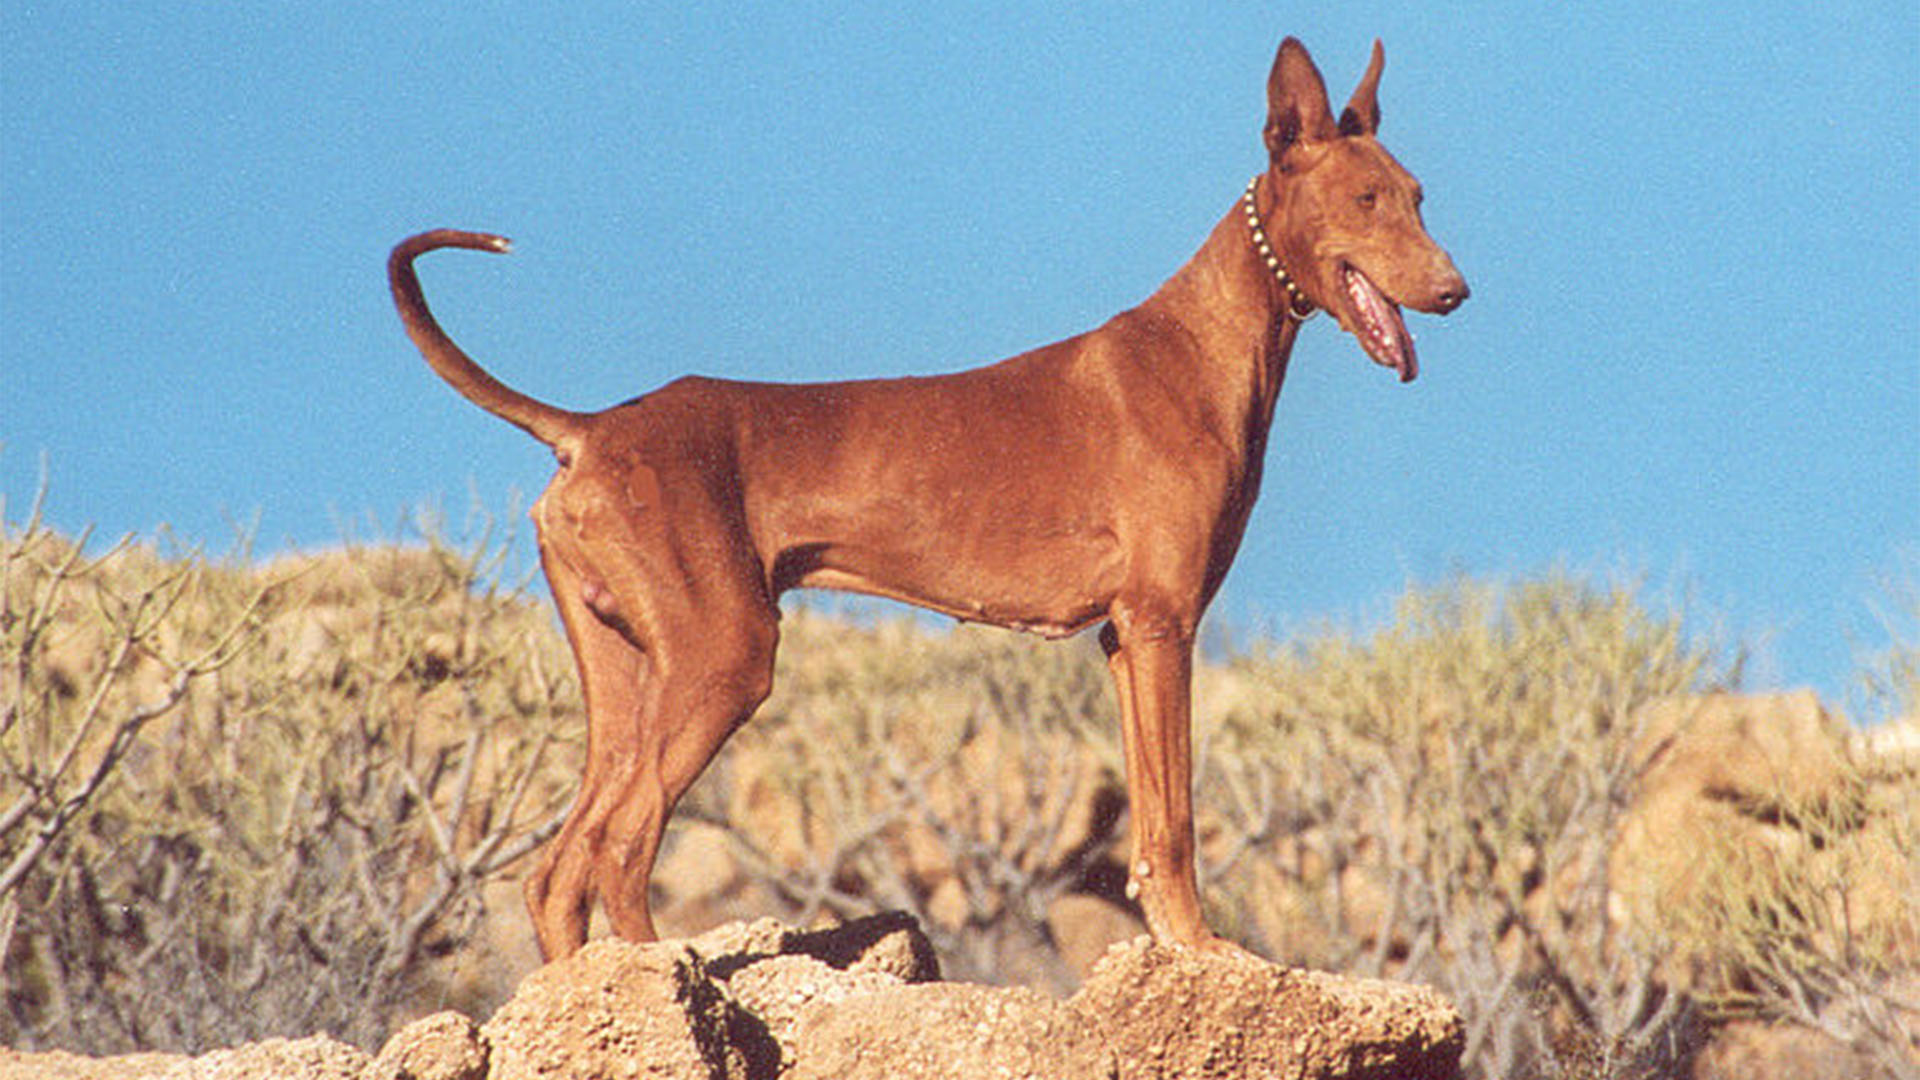 Der nordafrikanische Podenco canario –Jagdhund auf Kaninchen